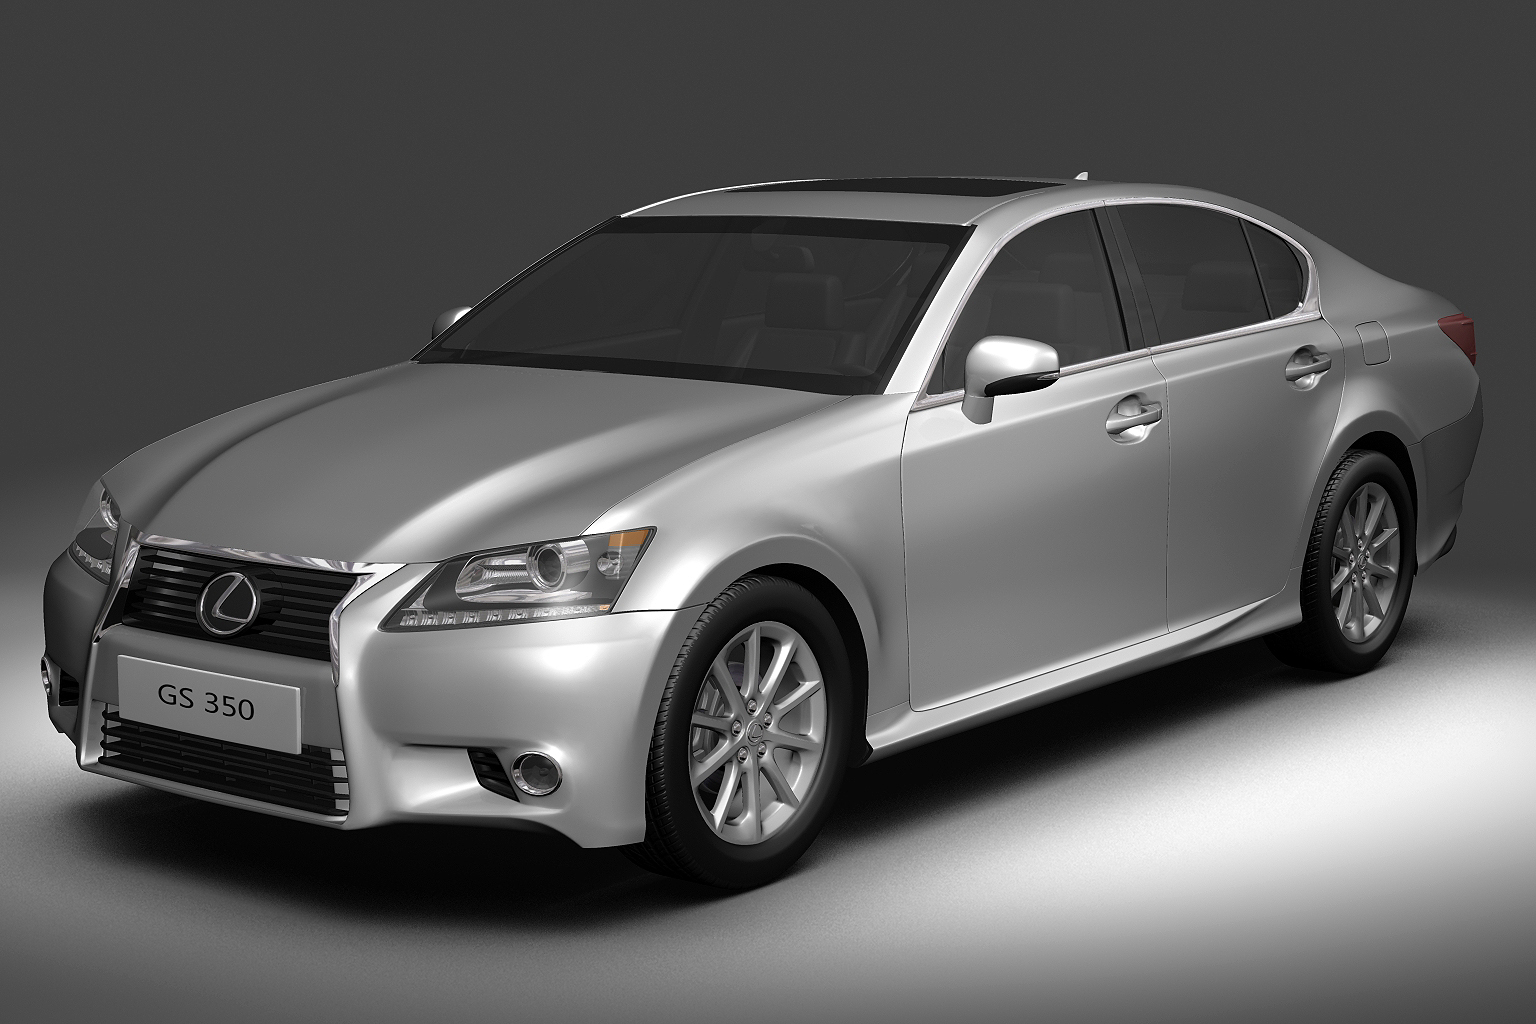 2013 lexus gs350 3d modelis 3ds max fbx c4d lwo hrc xsi obj 136258